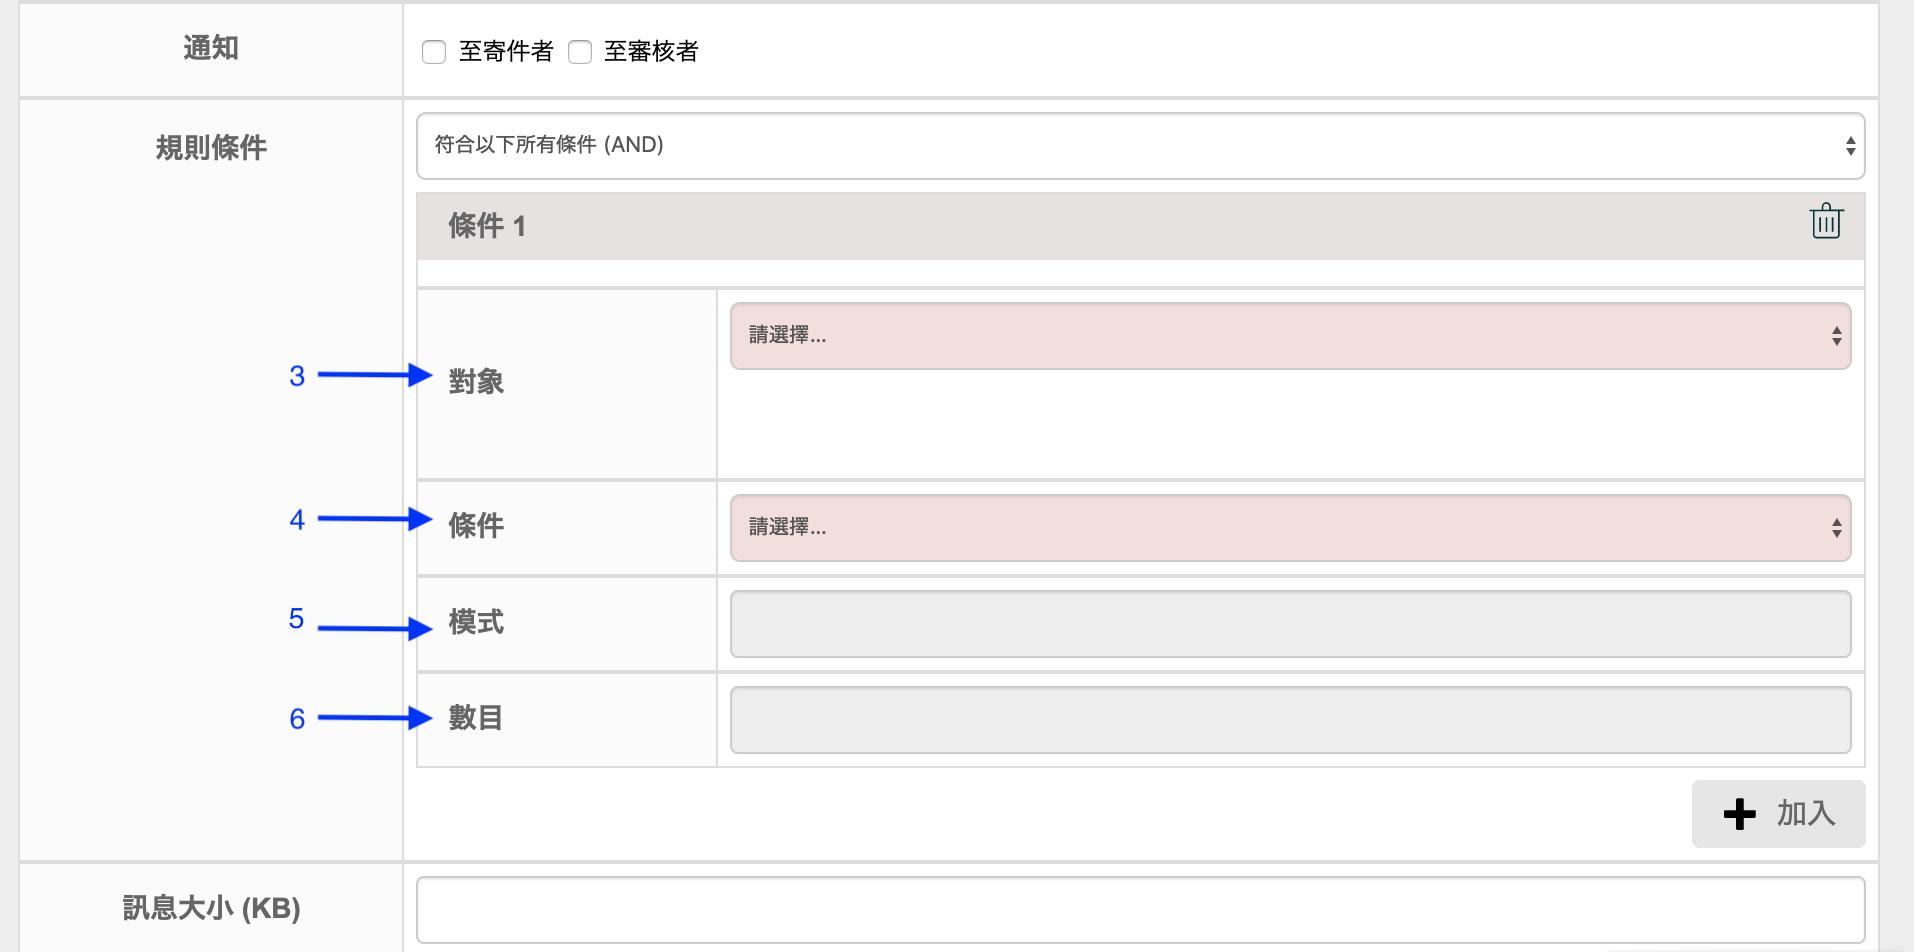 Screen_Shot_2020-03-30_at_18.13.45.png